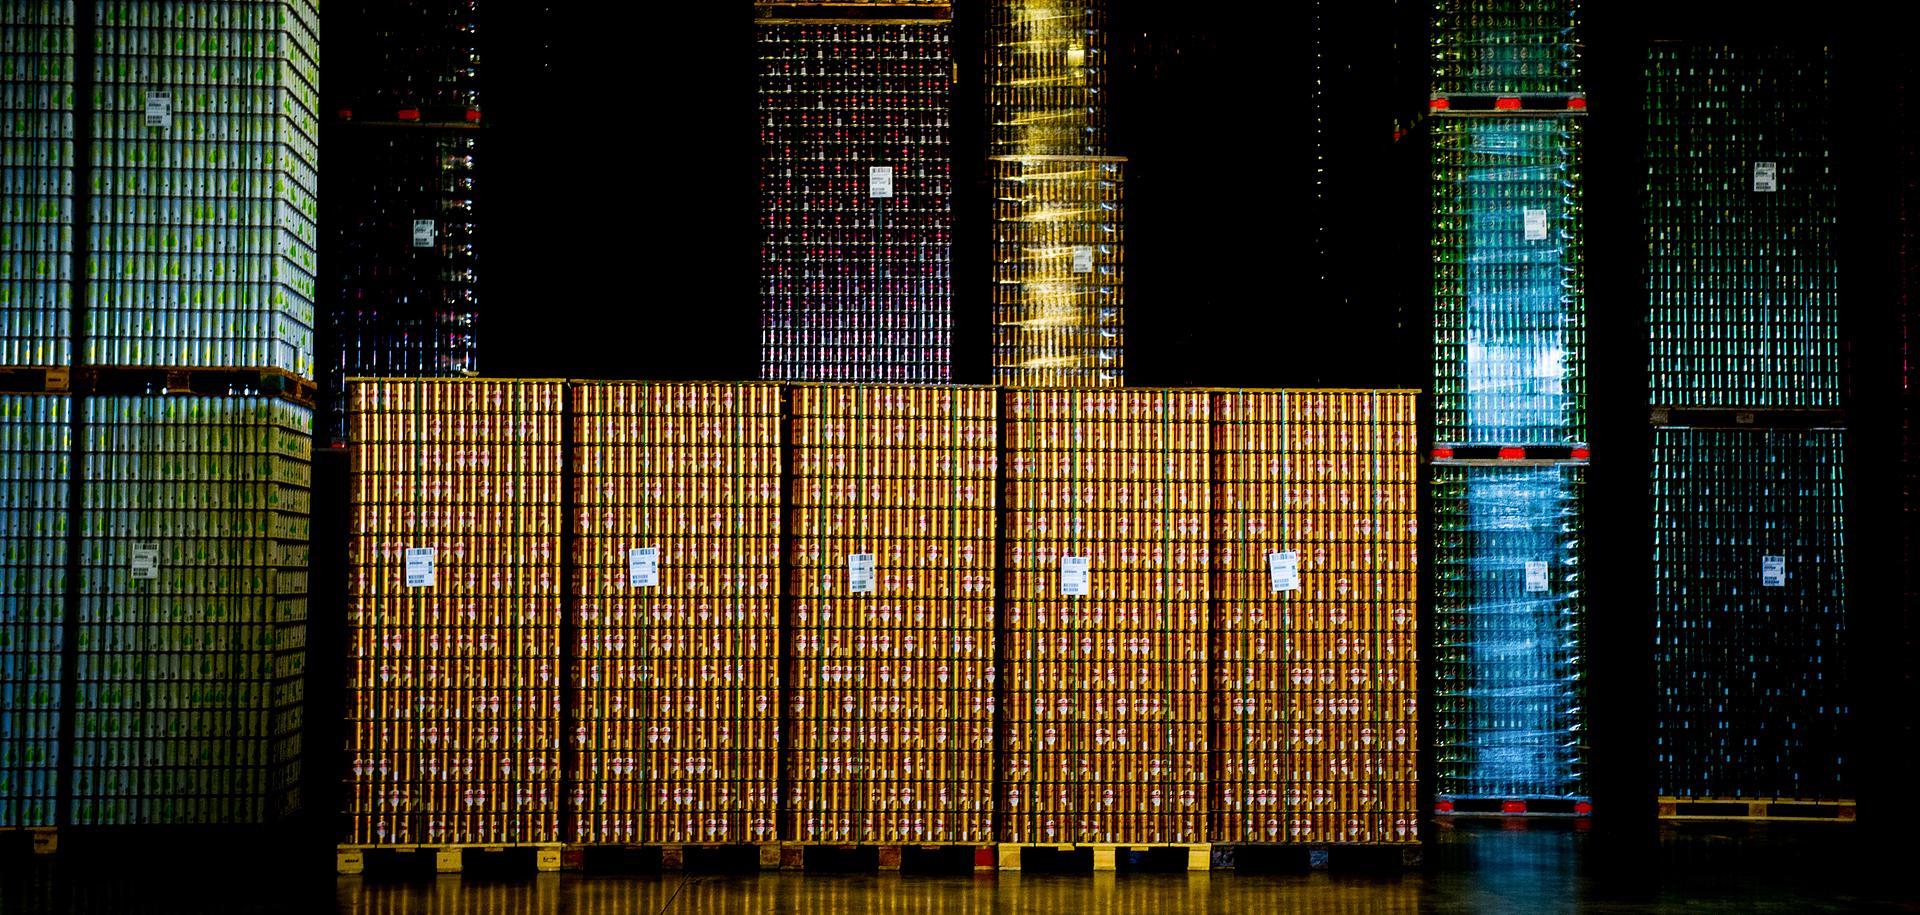 Malmö warehouse of Ball Corporation